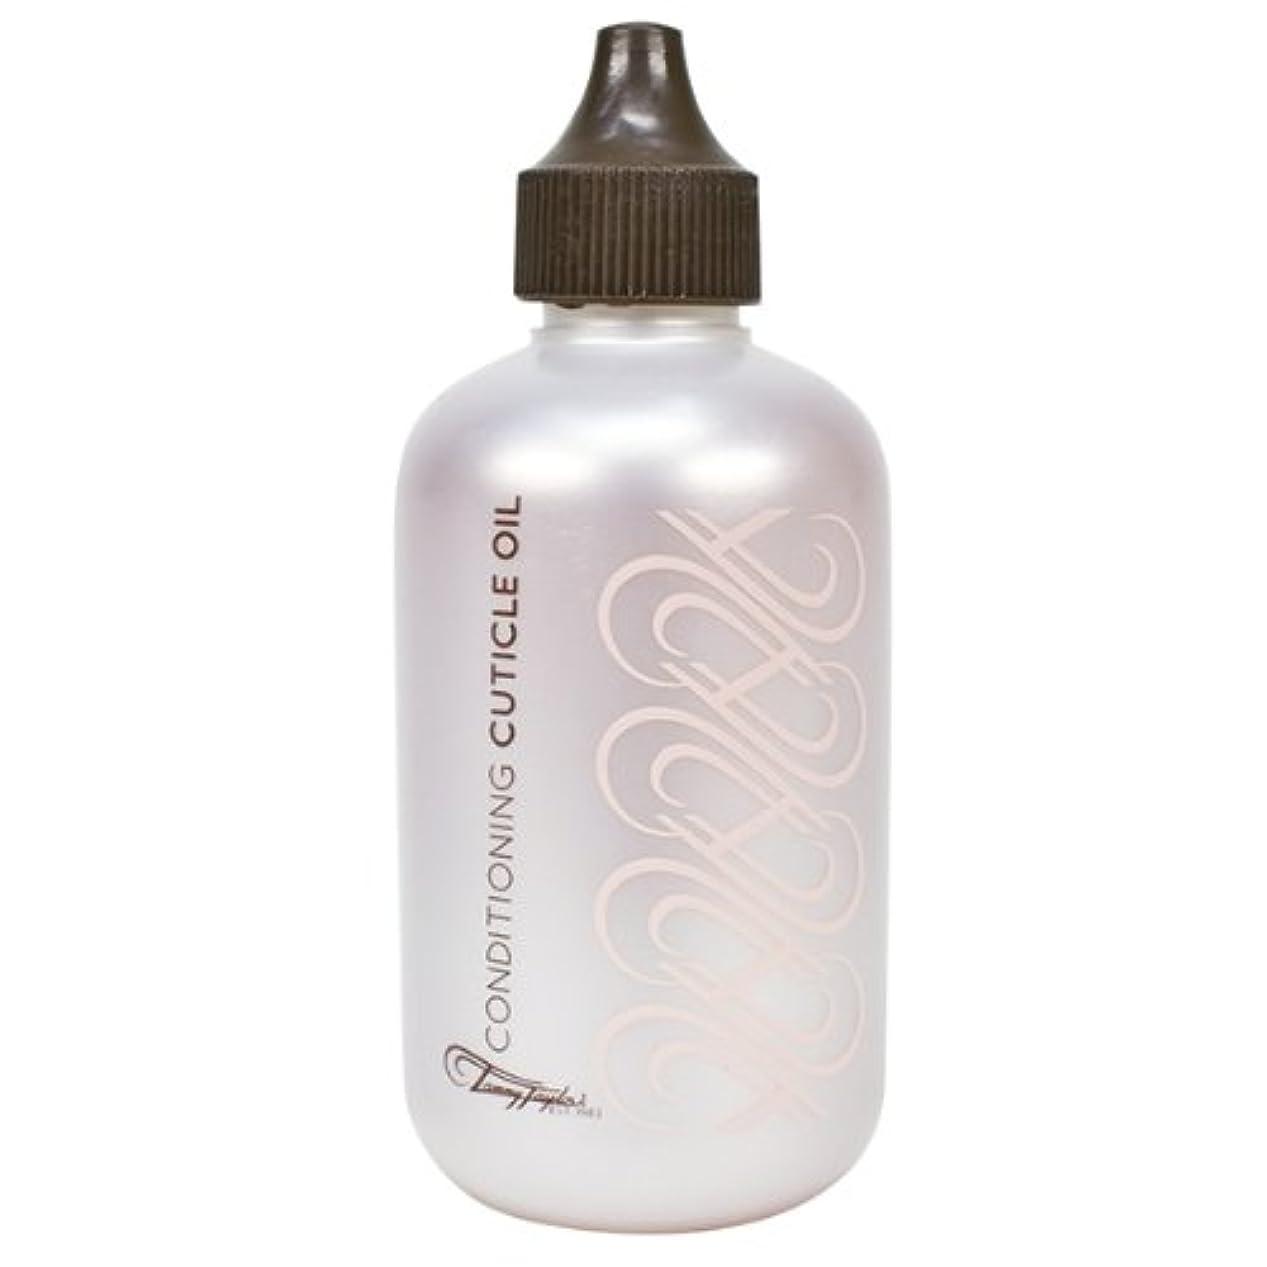 オデュッセウス戻す蒸発するTammy Taylor - Conditioning Cuticle Oil -Peach - 4 Oz / 118mL